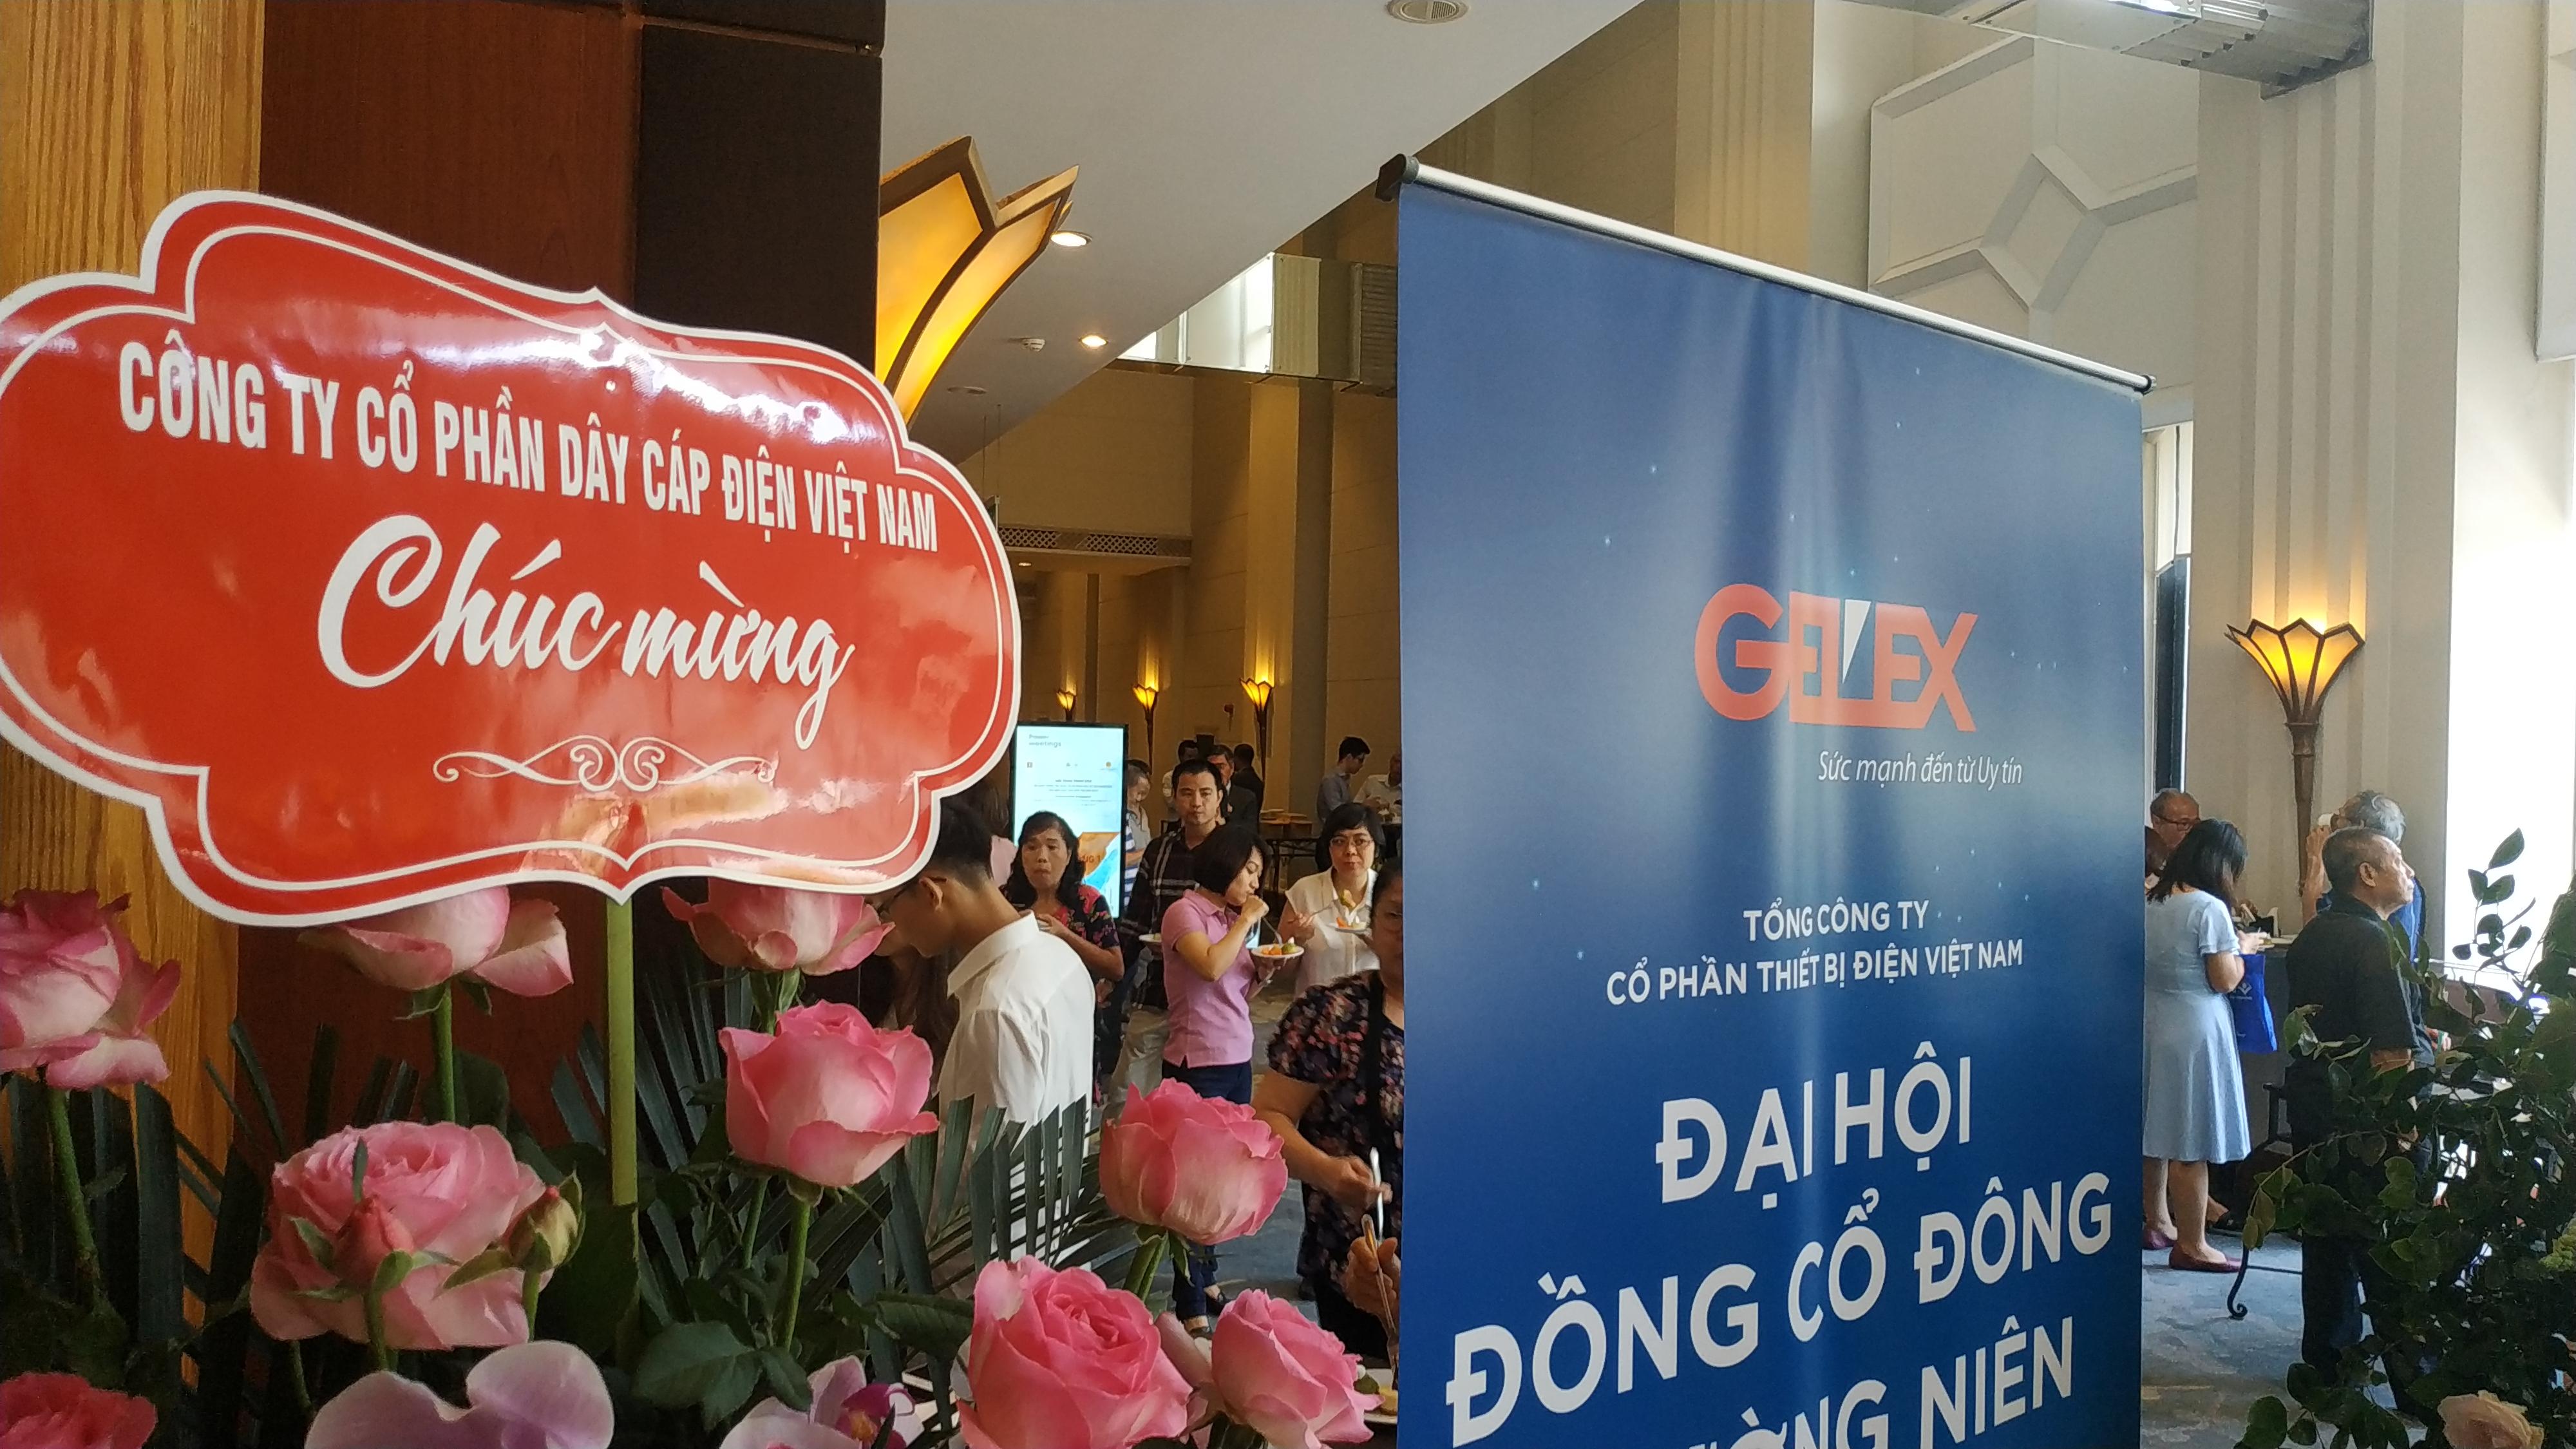 Chủ tịch Gelex đã chi khoảng 250 tỉ đồng mua 15 triệu cổ phiếu GEX - Ảnh 1.